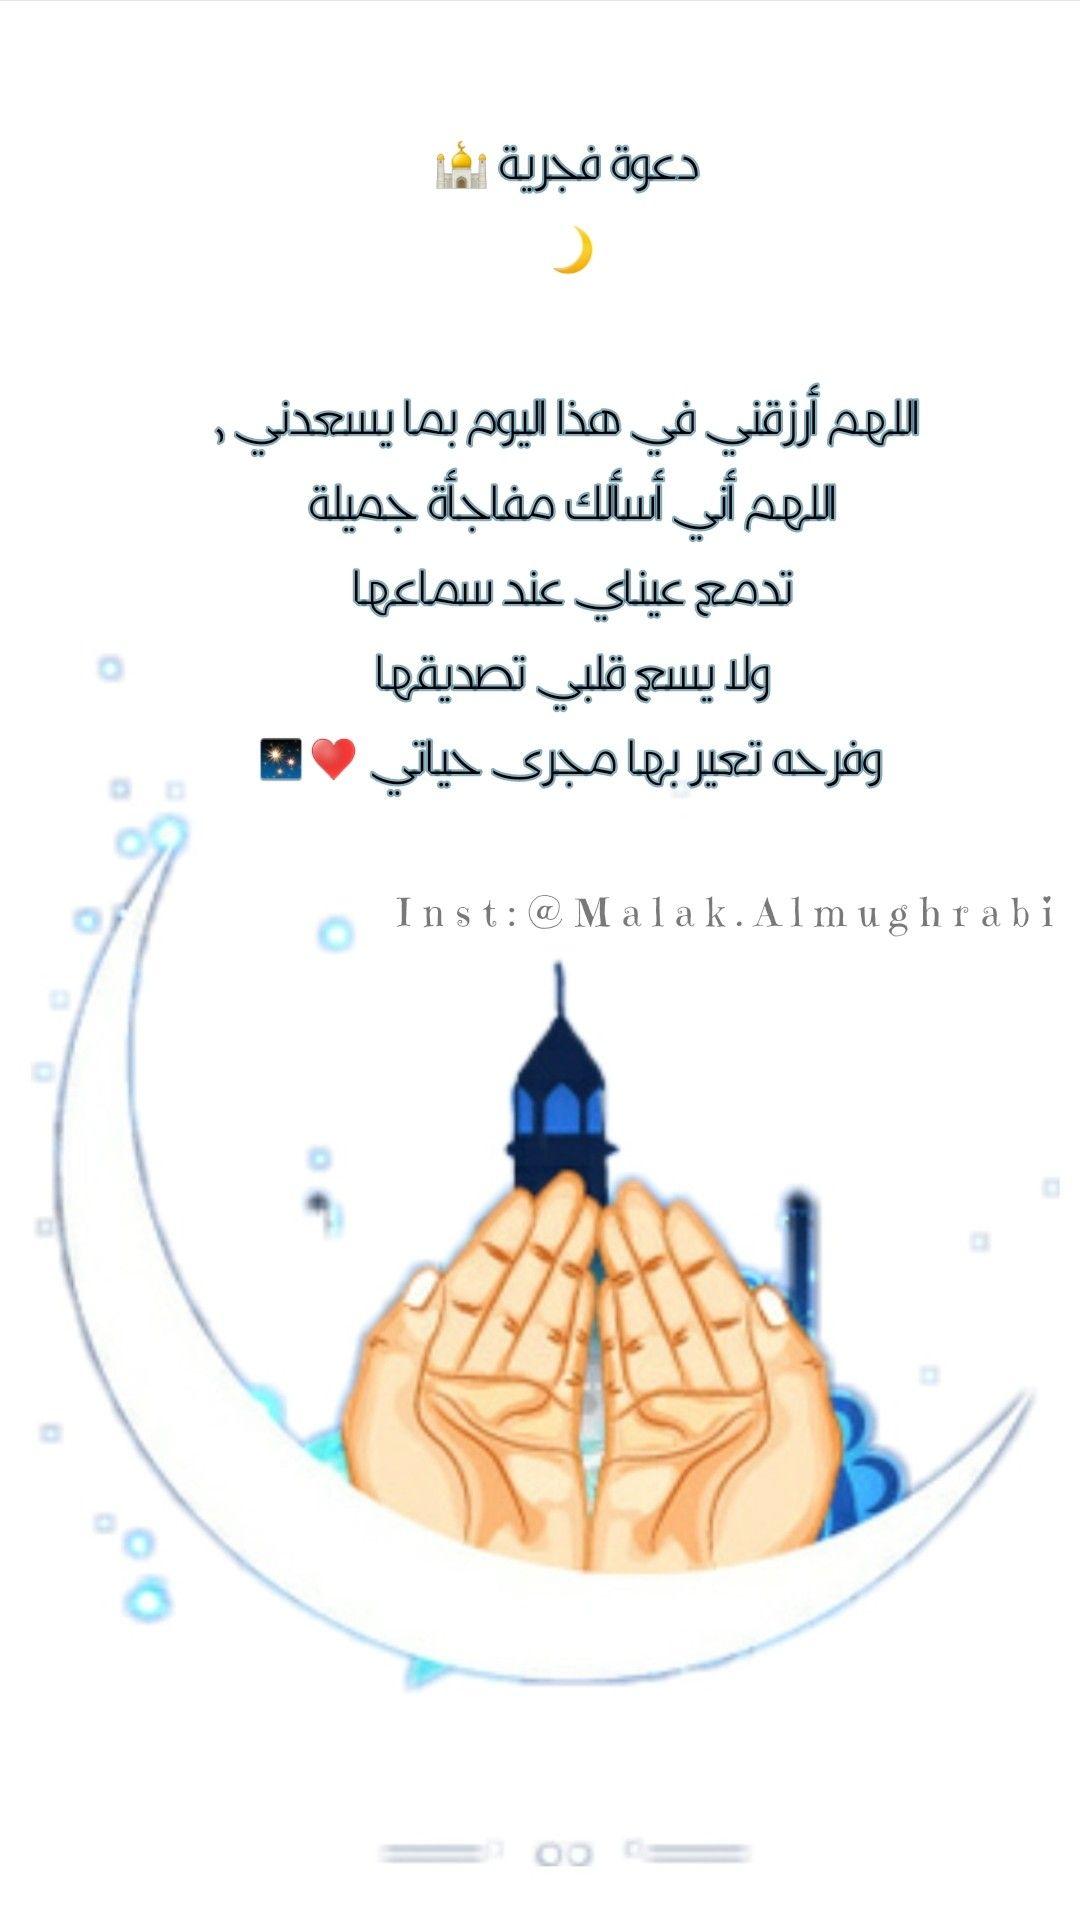 دعوة فجرية اللهم أرزقني في هذا اليوم بما يسعدني اللهم أني أسألك مفاجأة جميلة تدمع عيناي عند سماعها ولا يسع قلبي تصديقه Quran Quotes Duaa Islam Ramadan